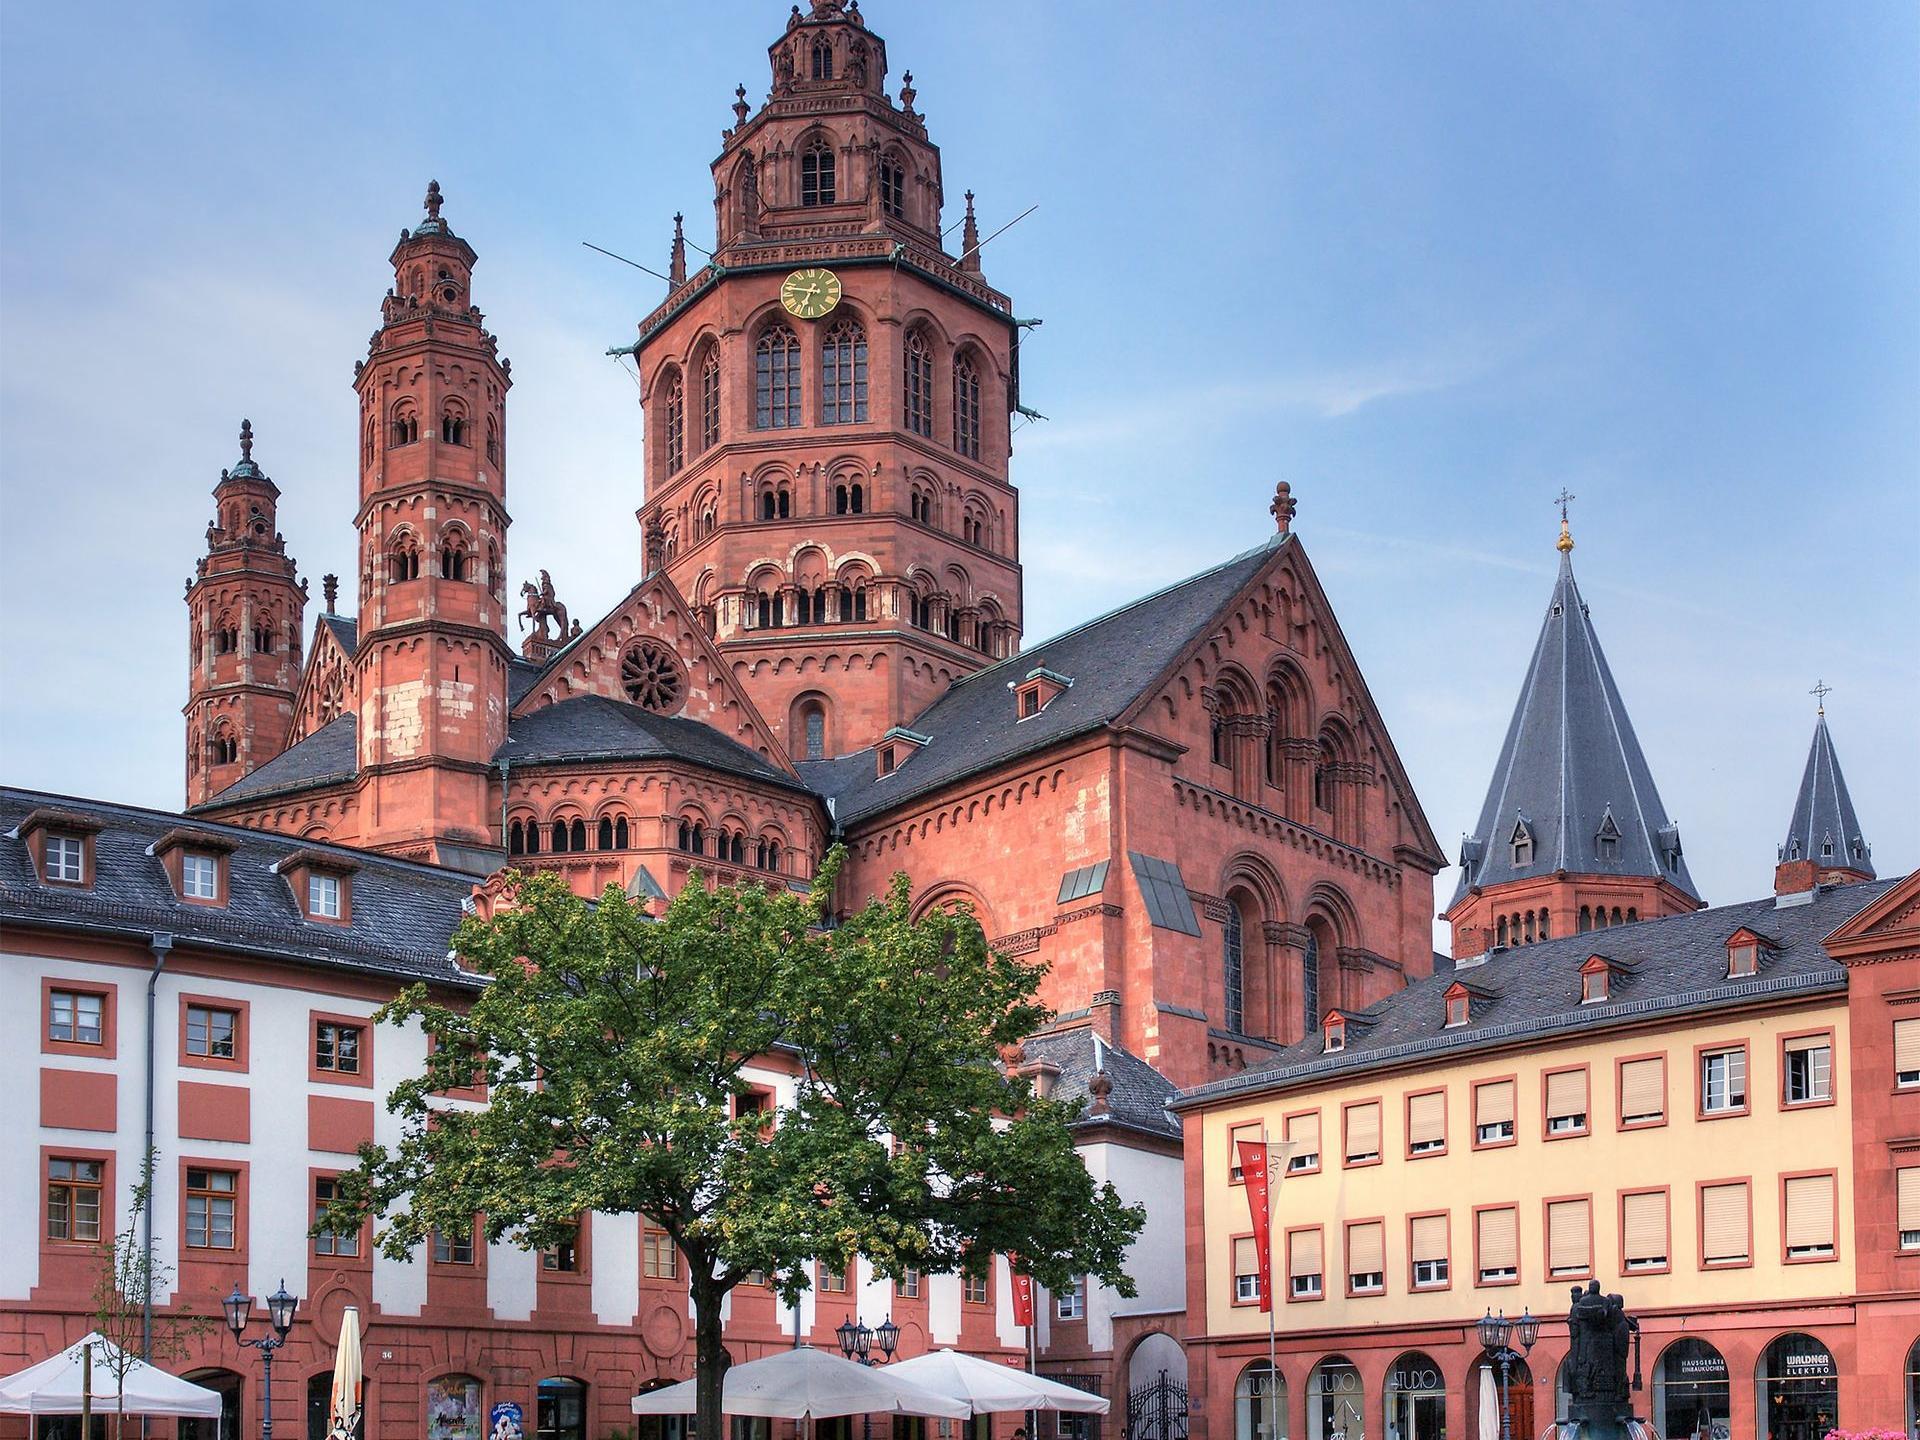 Aktuelles aus dem Bistum Mainz (c) Sergey Ashmarin - CC BY-SA 3.0